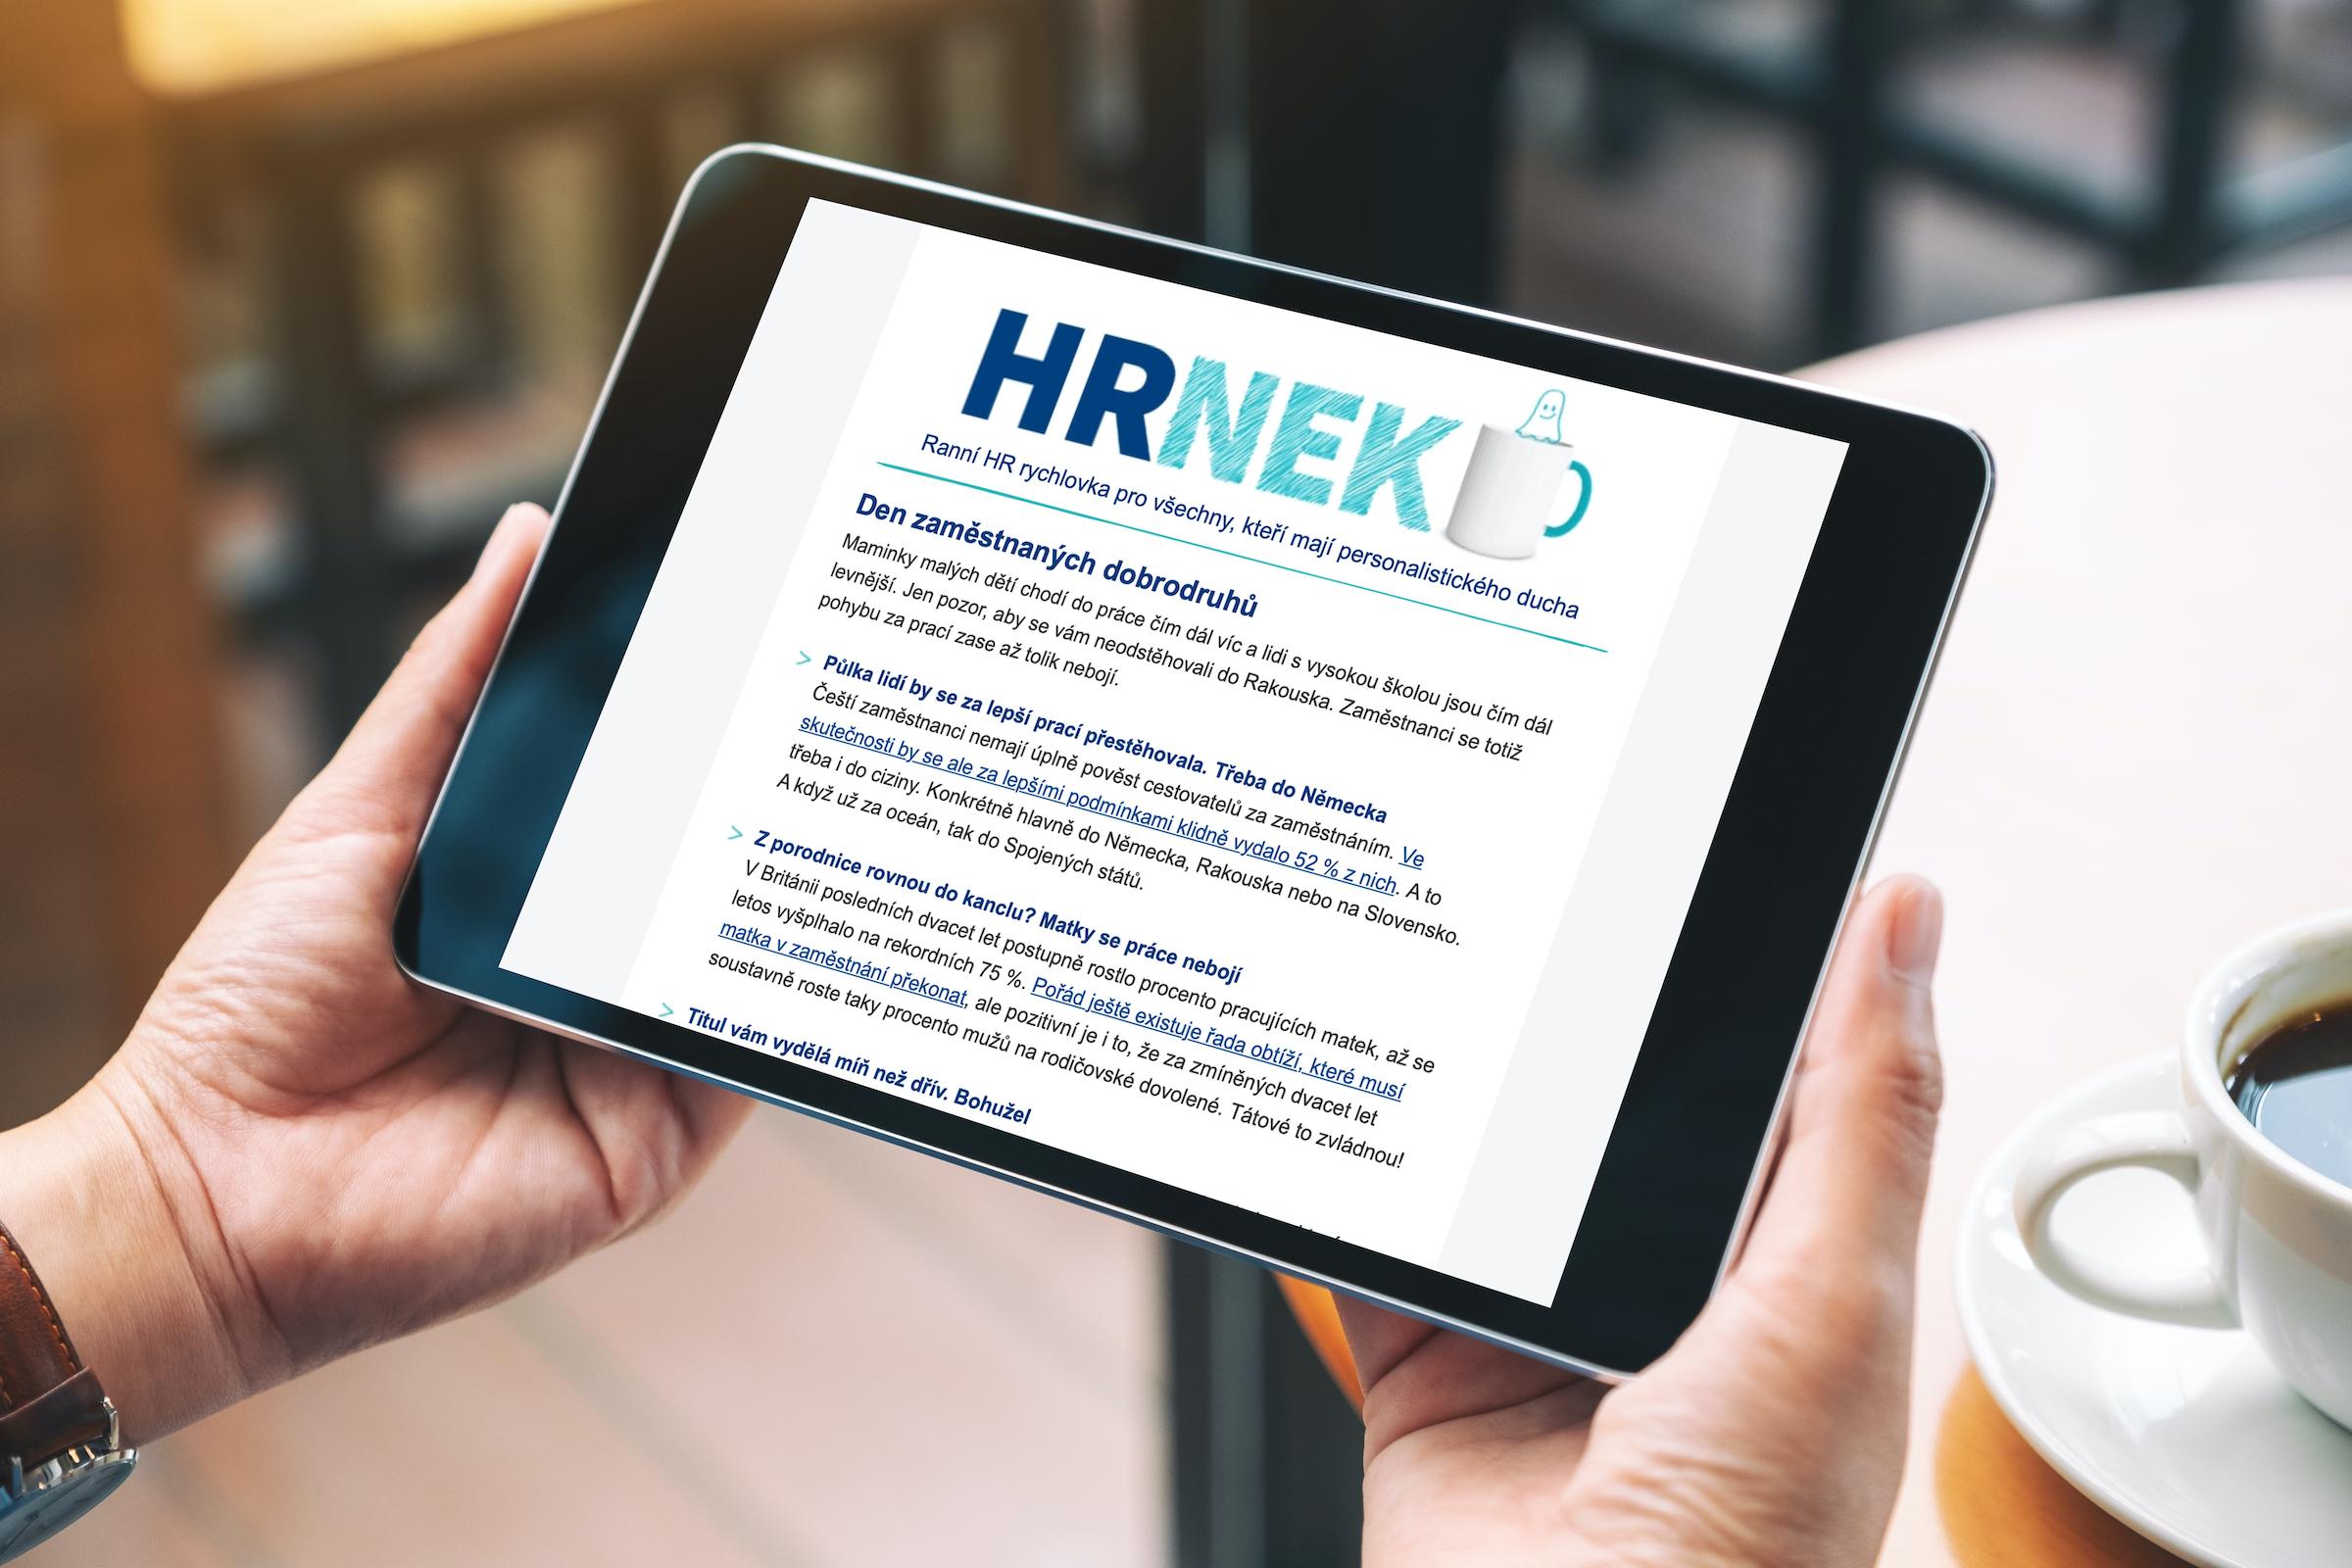 Informativní newsletter s názvem HRnek nabízí každý týden nejzajímavější oborové články odjinud